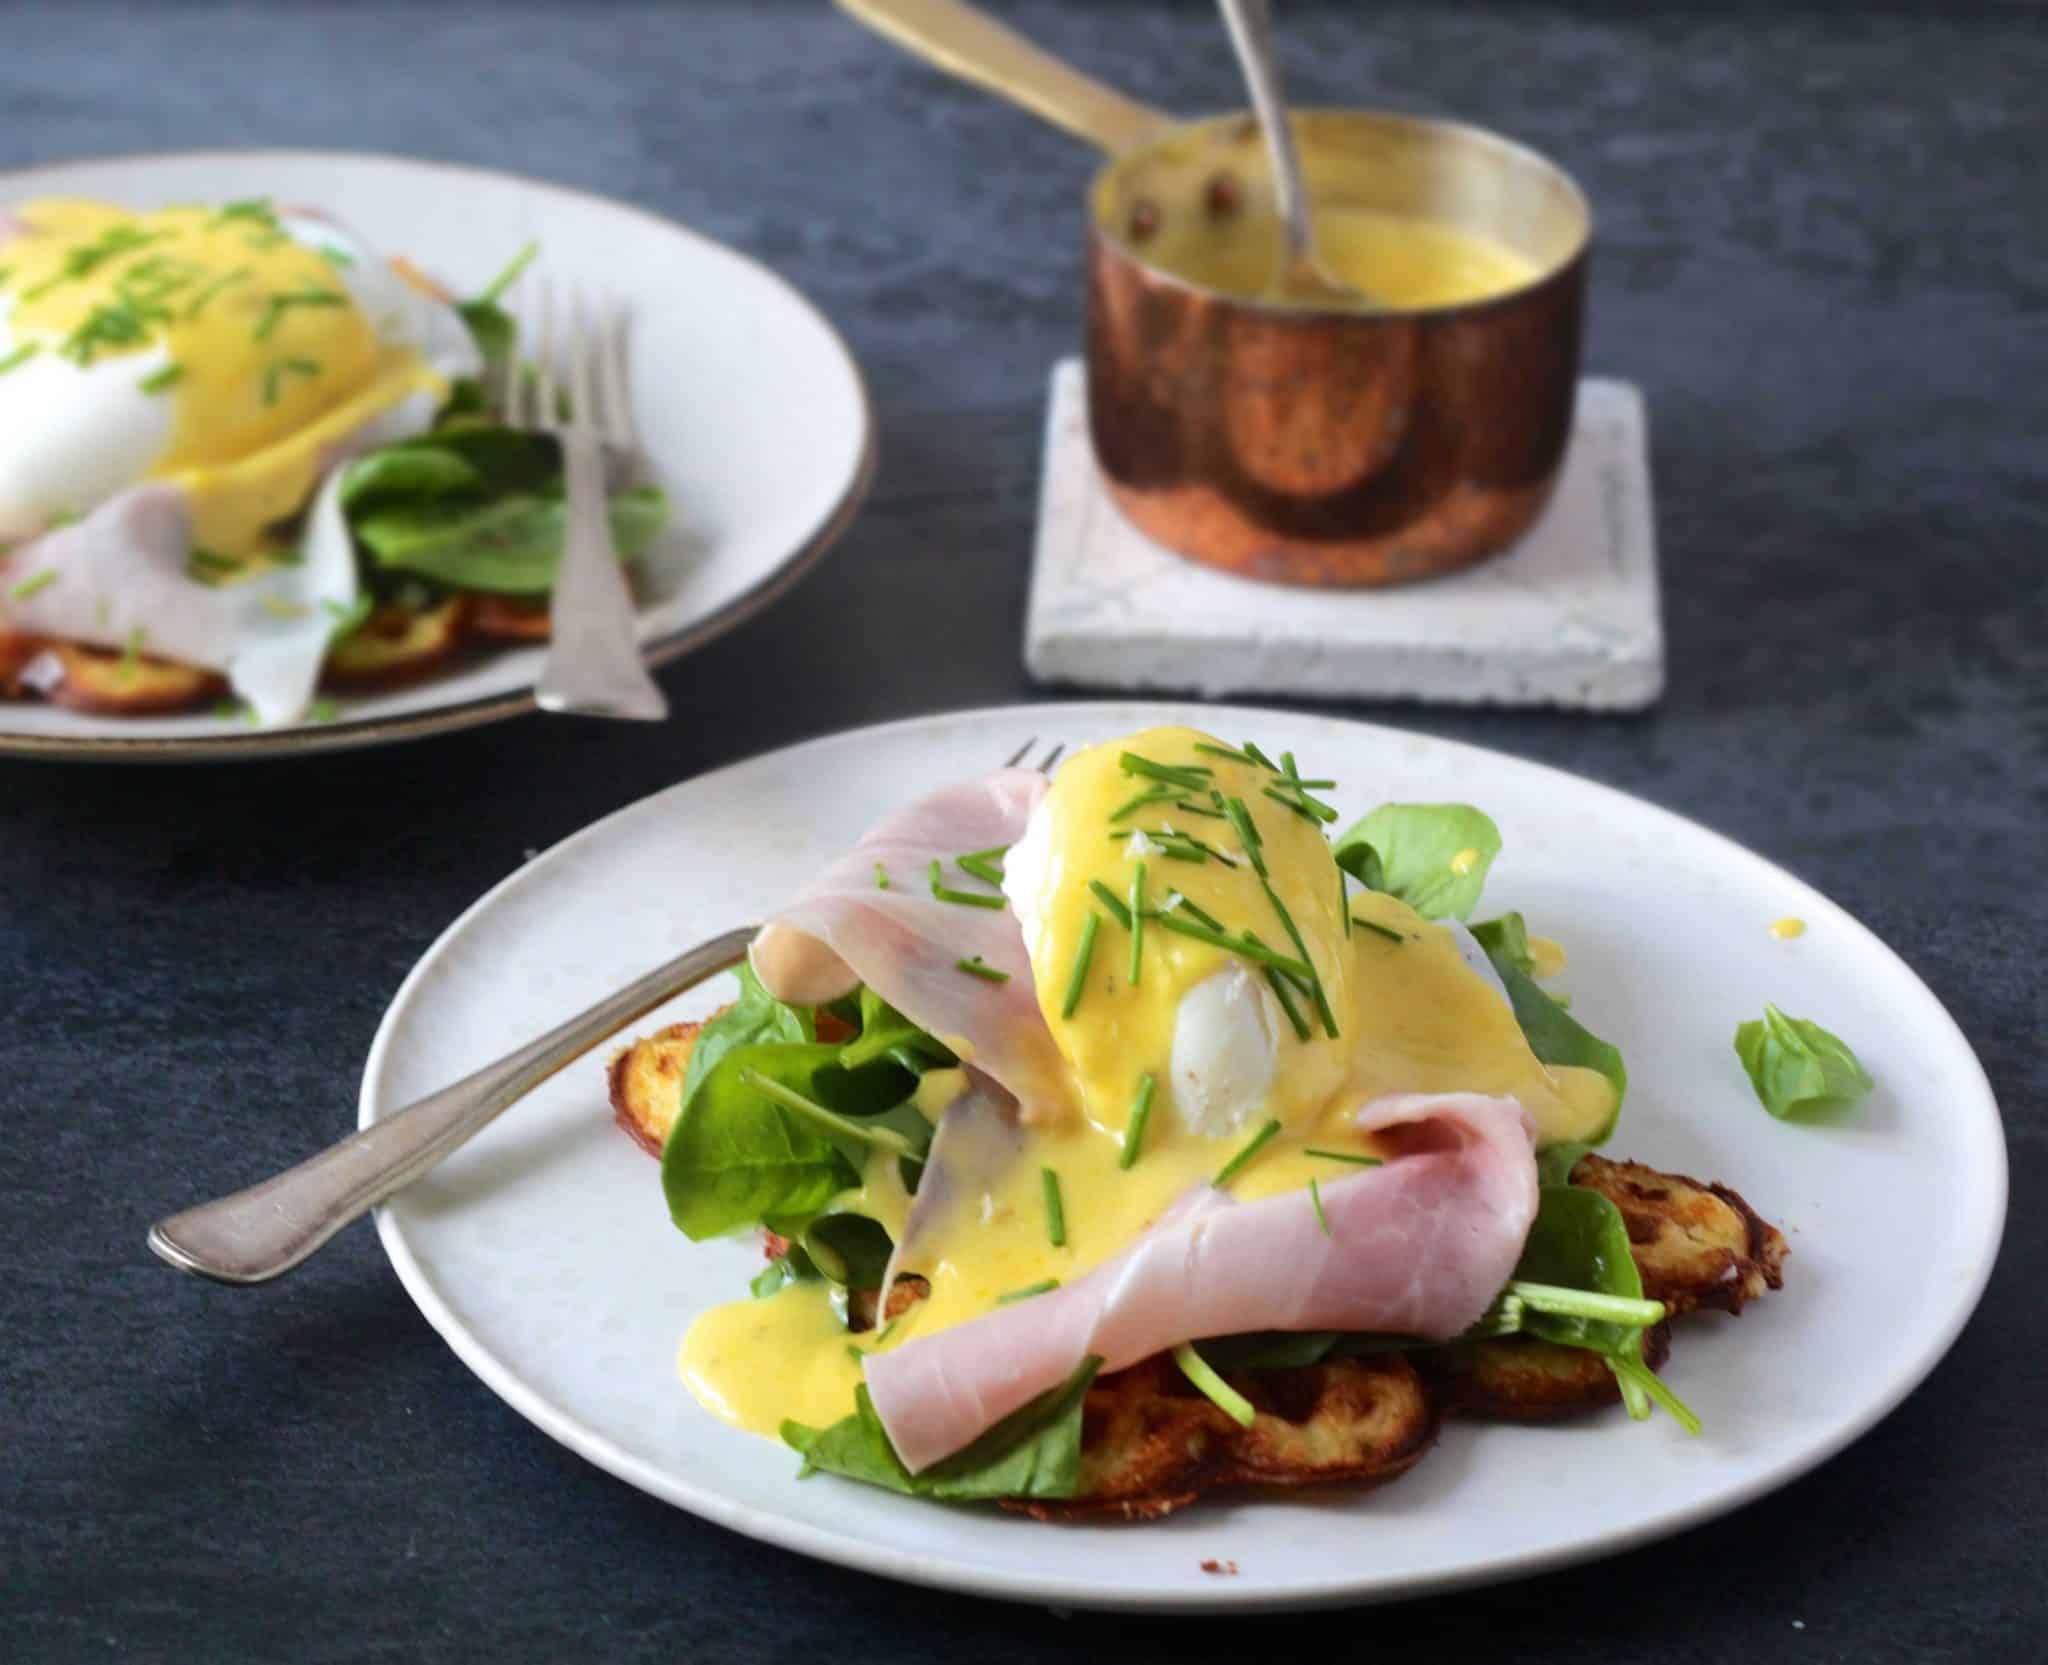 Eggs benedict - opskrift på den ultimative LCHF/keto morgenmad - æg med smørsovs